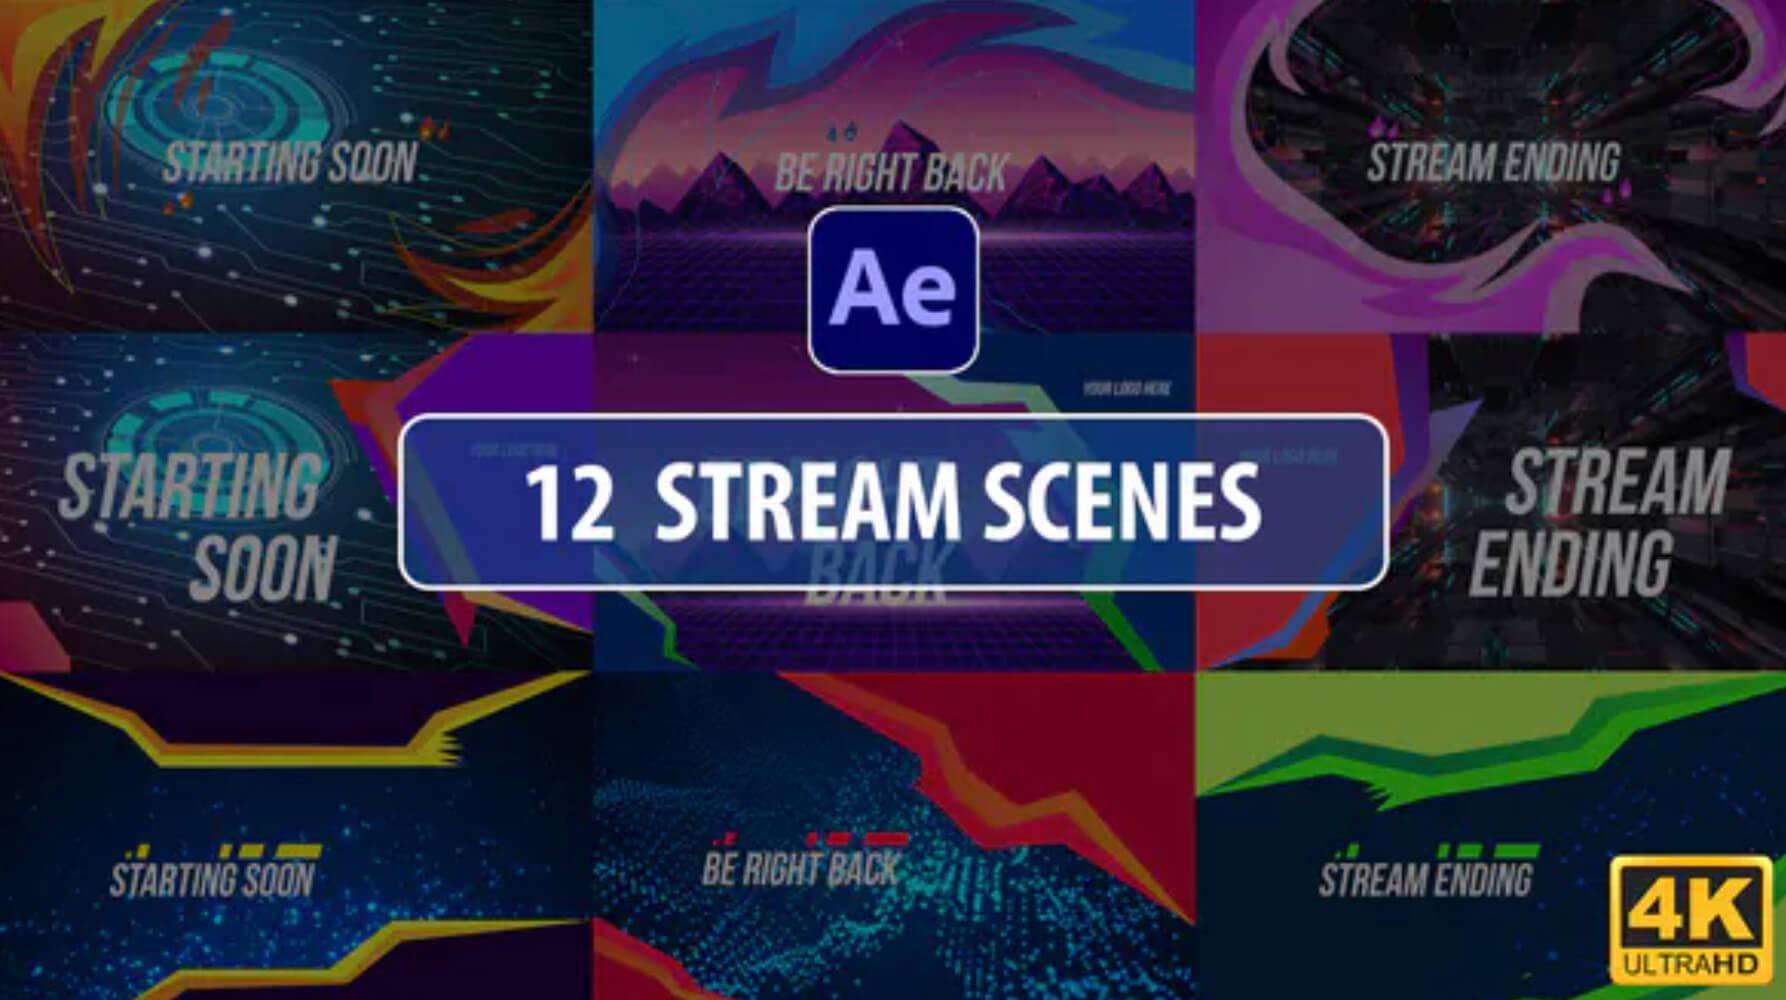 %title插图%num零号CG视觉平台AE模板-12个MG流场景